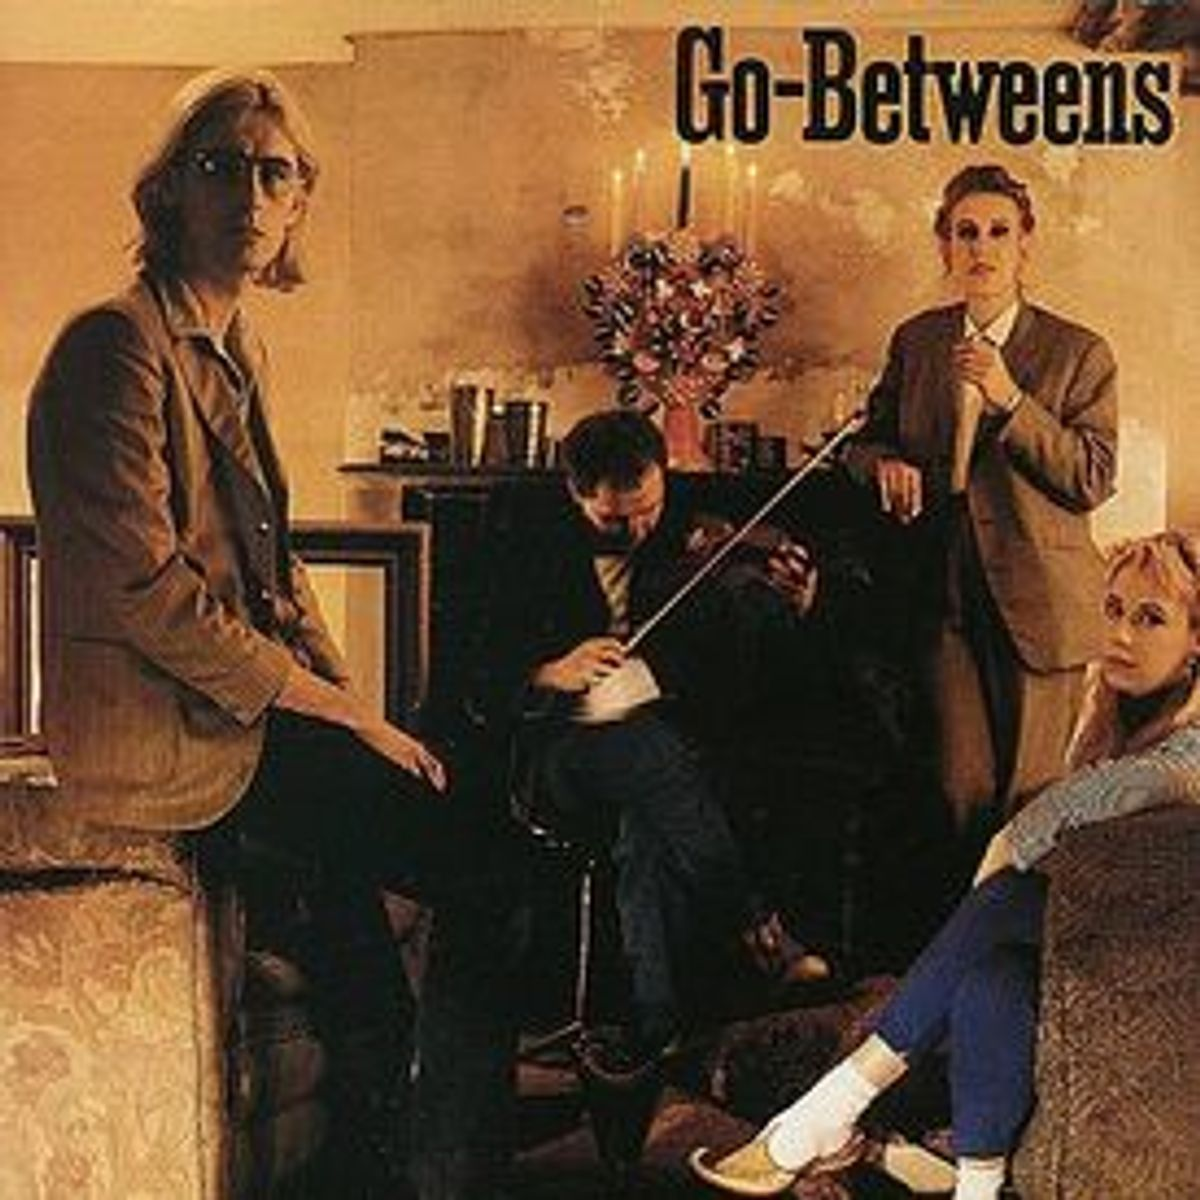 #FijnBesnaard - The Go-Betweens - I Just Get Caught Out (1987)